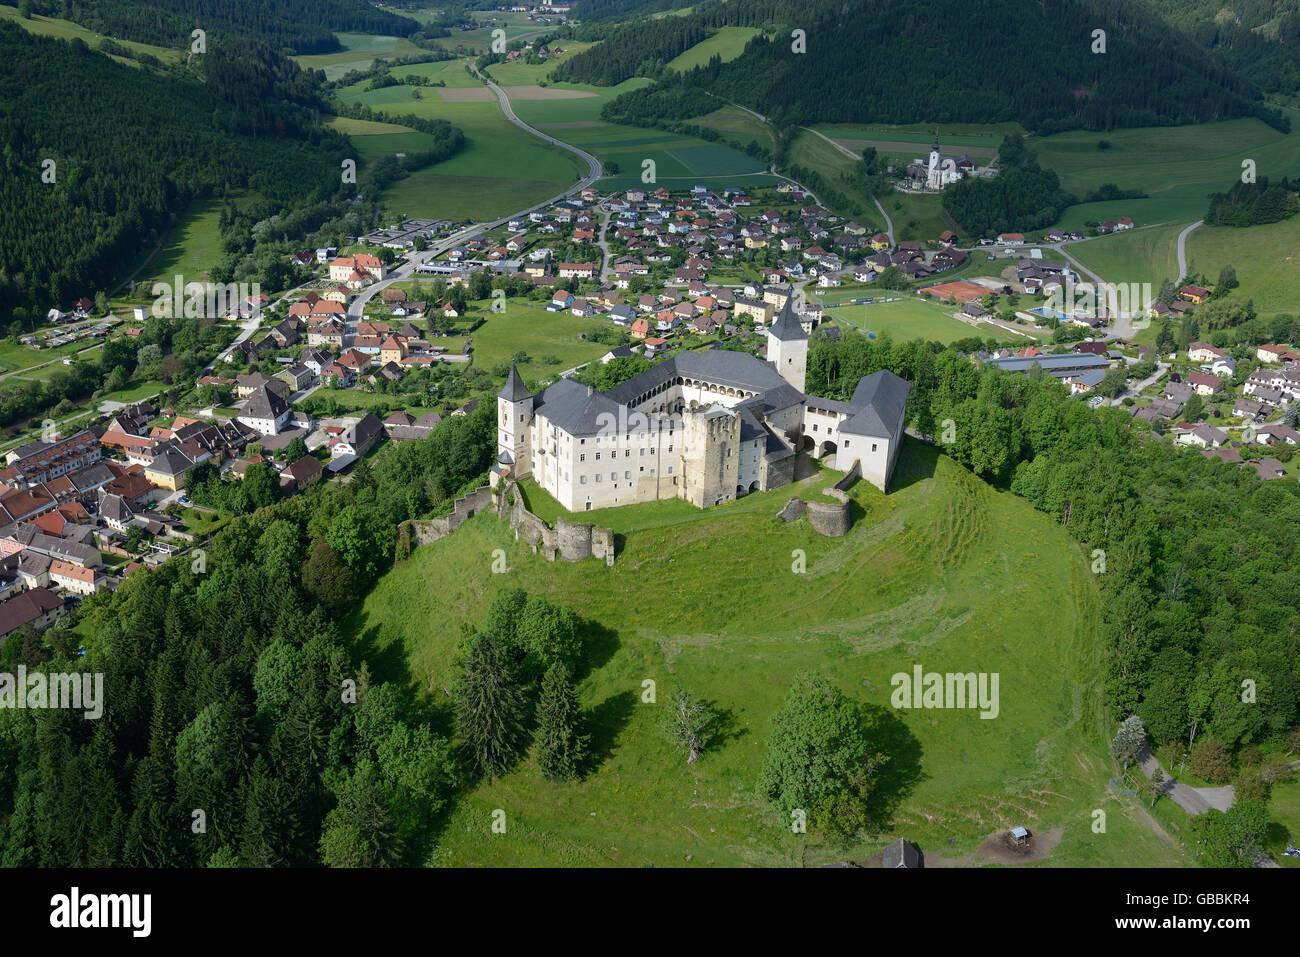 STRASBURG CASTLE (aerial view). Carinthia, Austria. - Stock Image